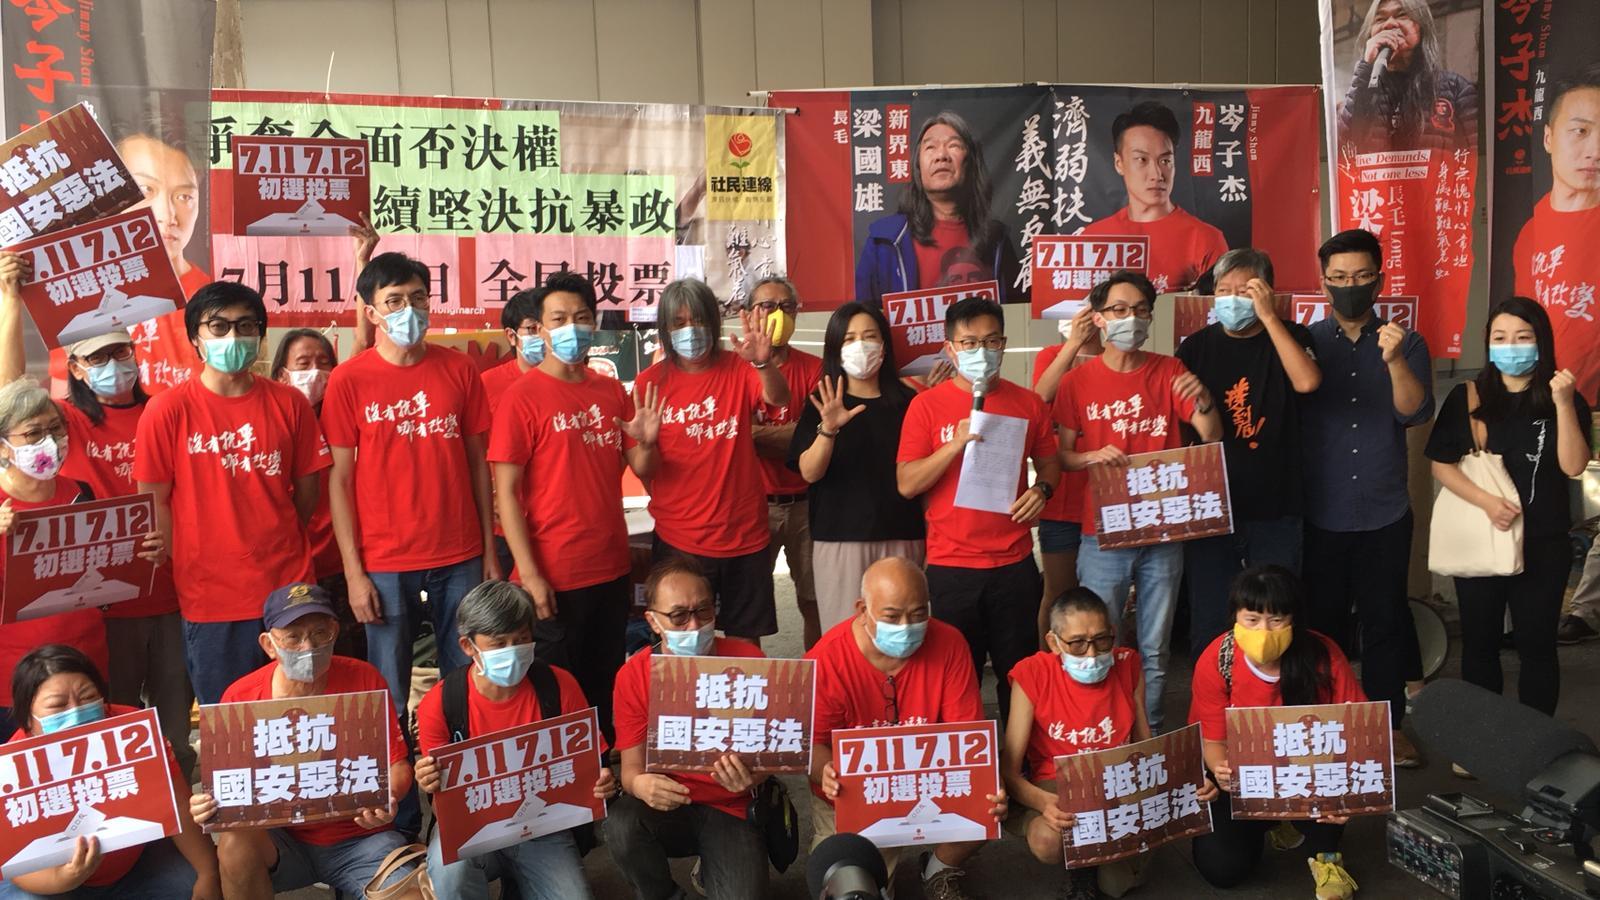 今日(6月24日),社民連(社會民主連線)宣佈參與2020年立法會選舉的民間初選名單,岑子杰(上左七)出戰九龍西,梁國雄(長毛)(上左八)出戰新界東。在集會現場,社民連主席黃浩銘(上右六)提及社民連的6項主張,重申民主派在香港重大議題上,必須取得廣泛的市民直接授權,絕不能私自與中共政權談判及妥協。(Ivan / 大紀元)